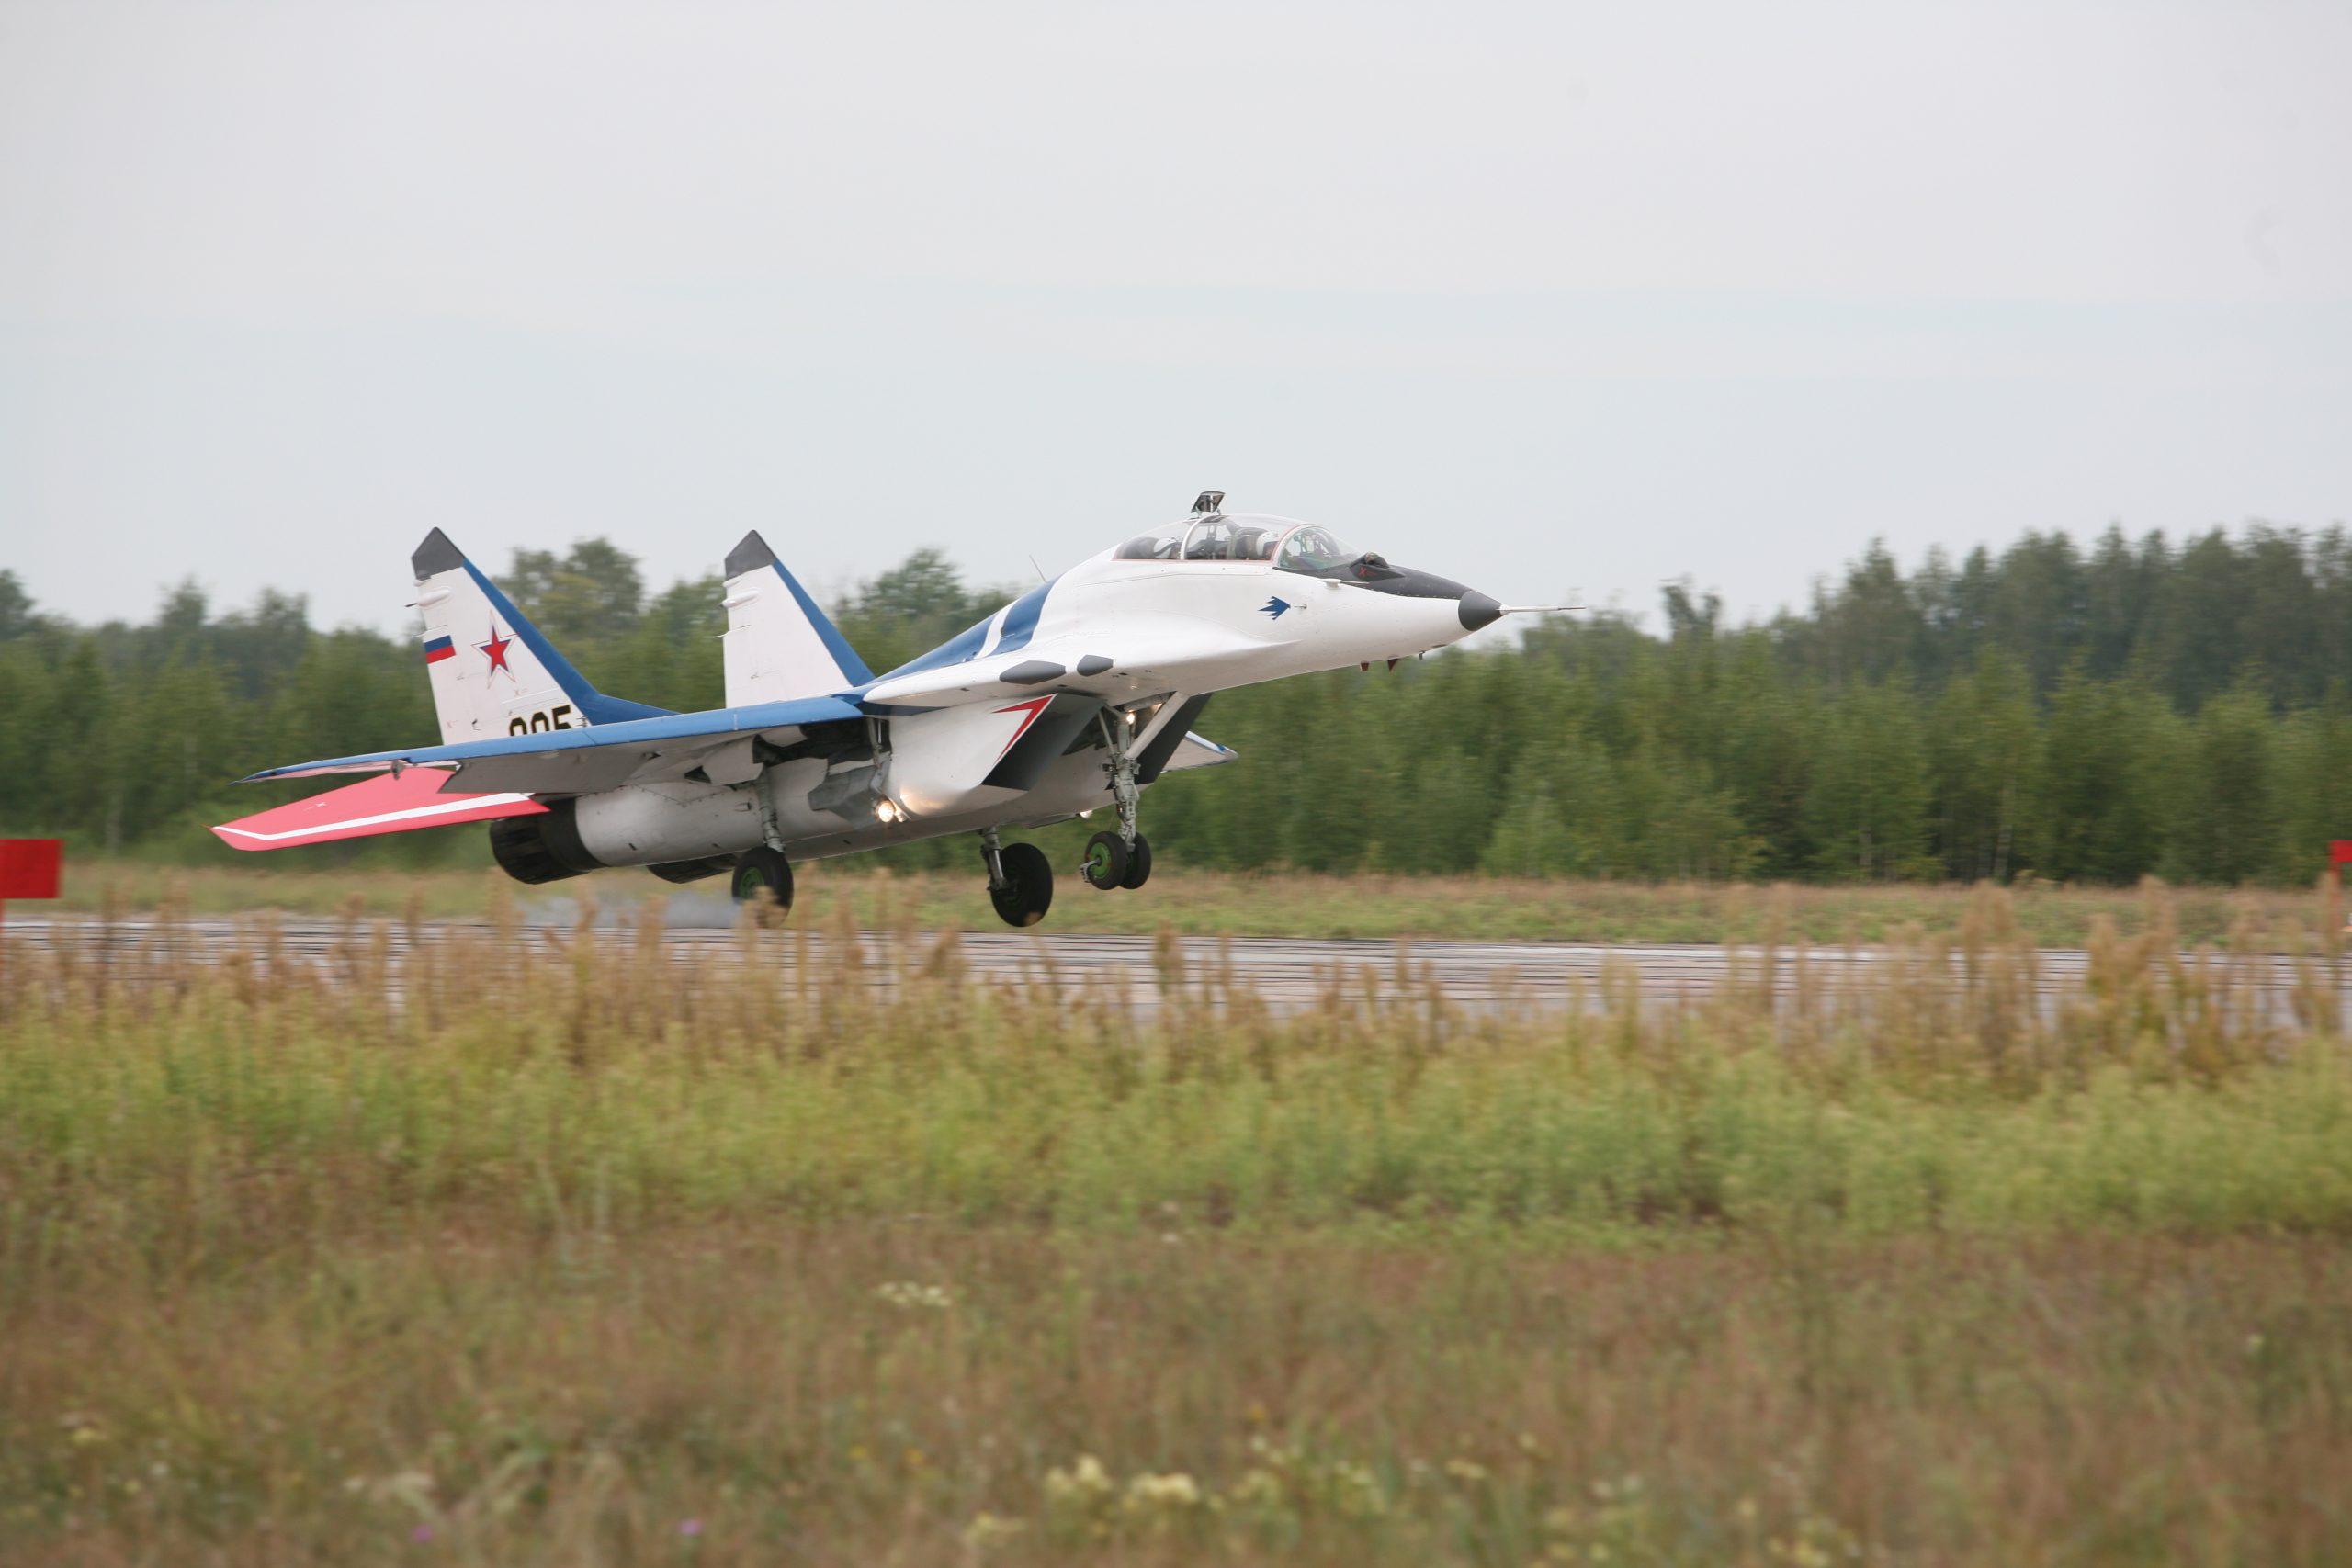 Mig-29 Kampfjet - Goaviator - Die Experten Für Flugabenteuer für Düsenjet Fliegen